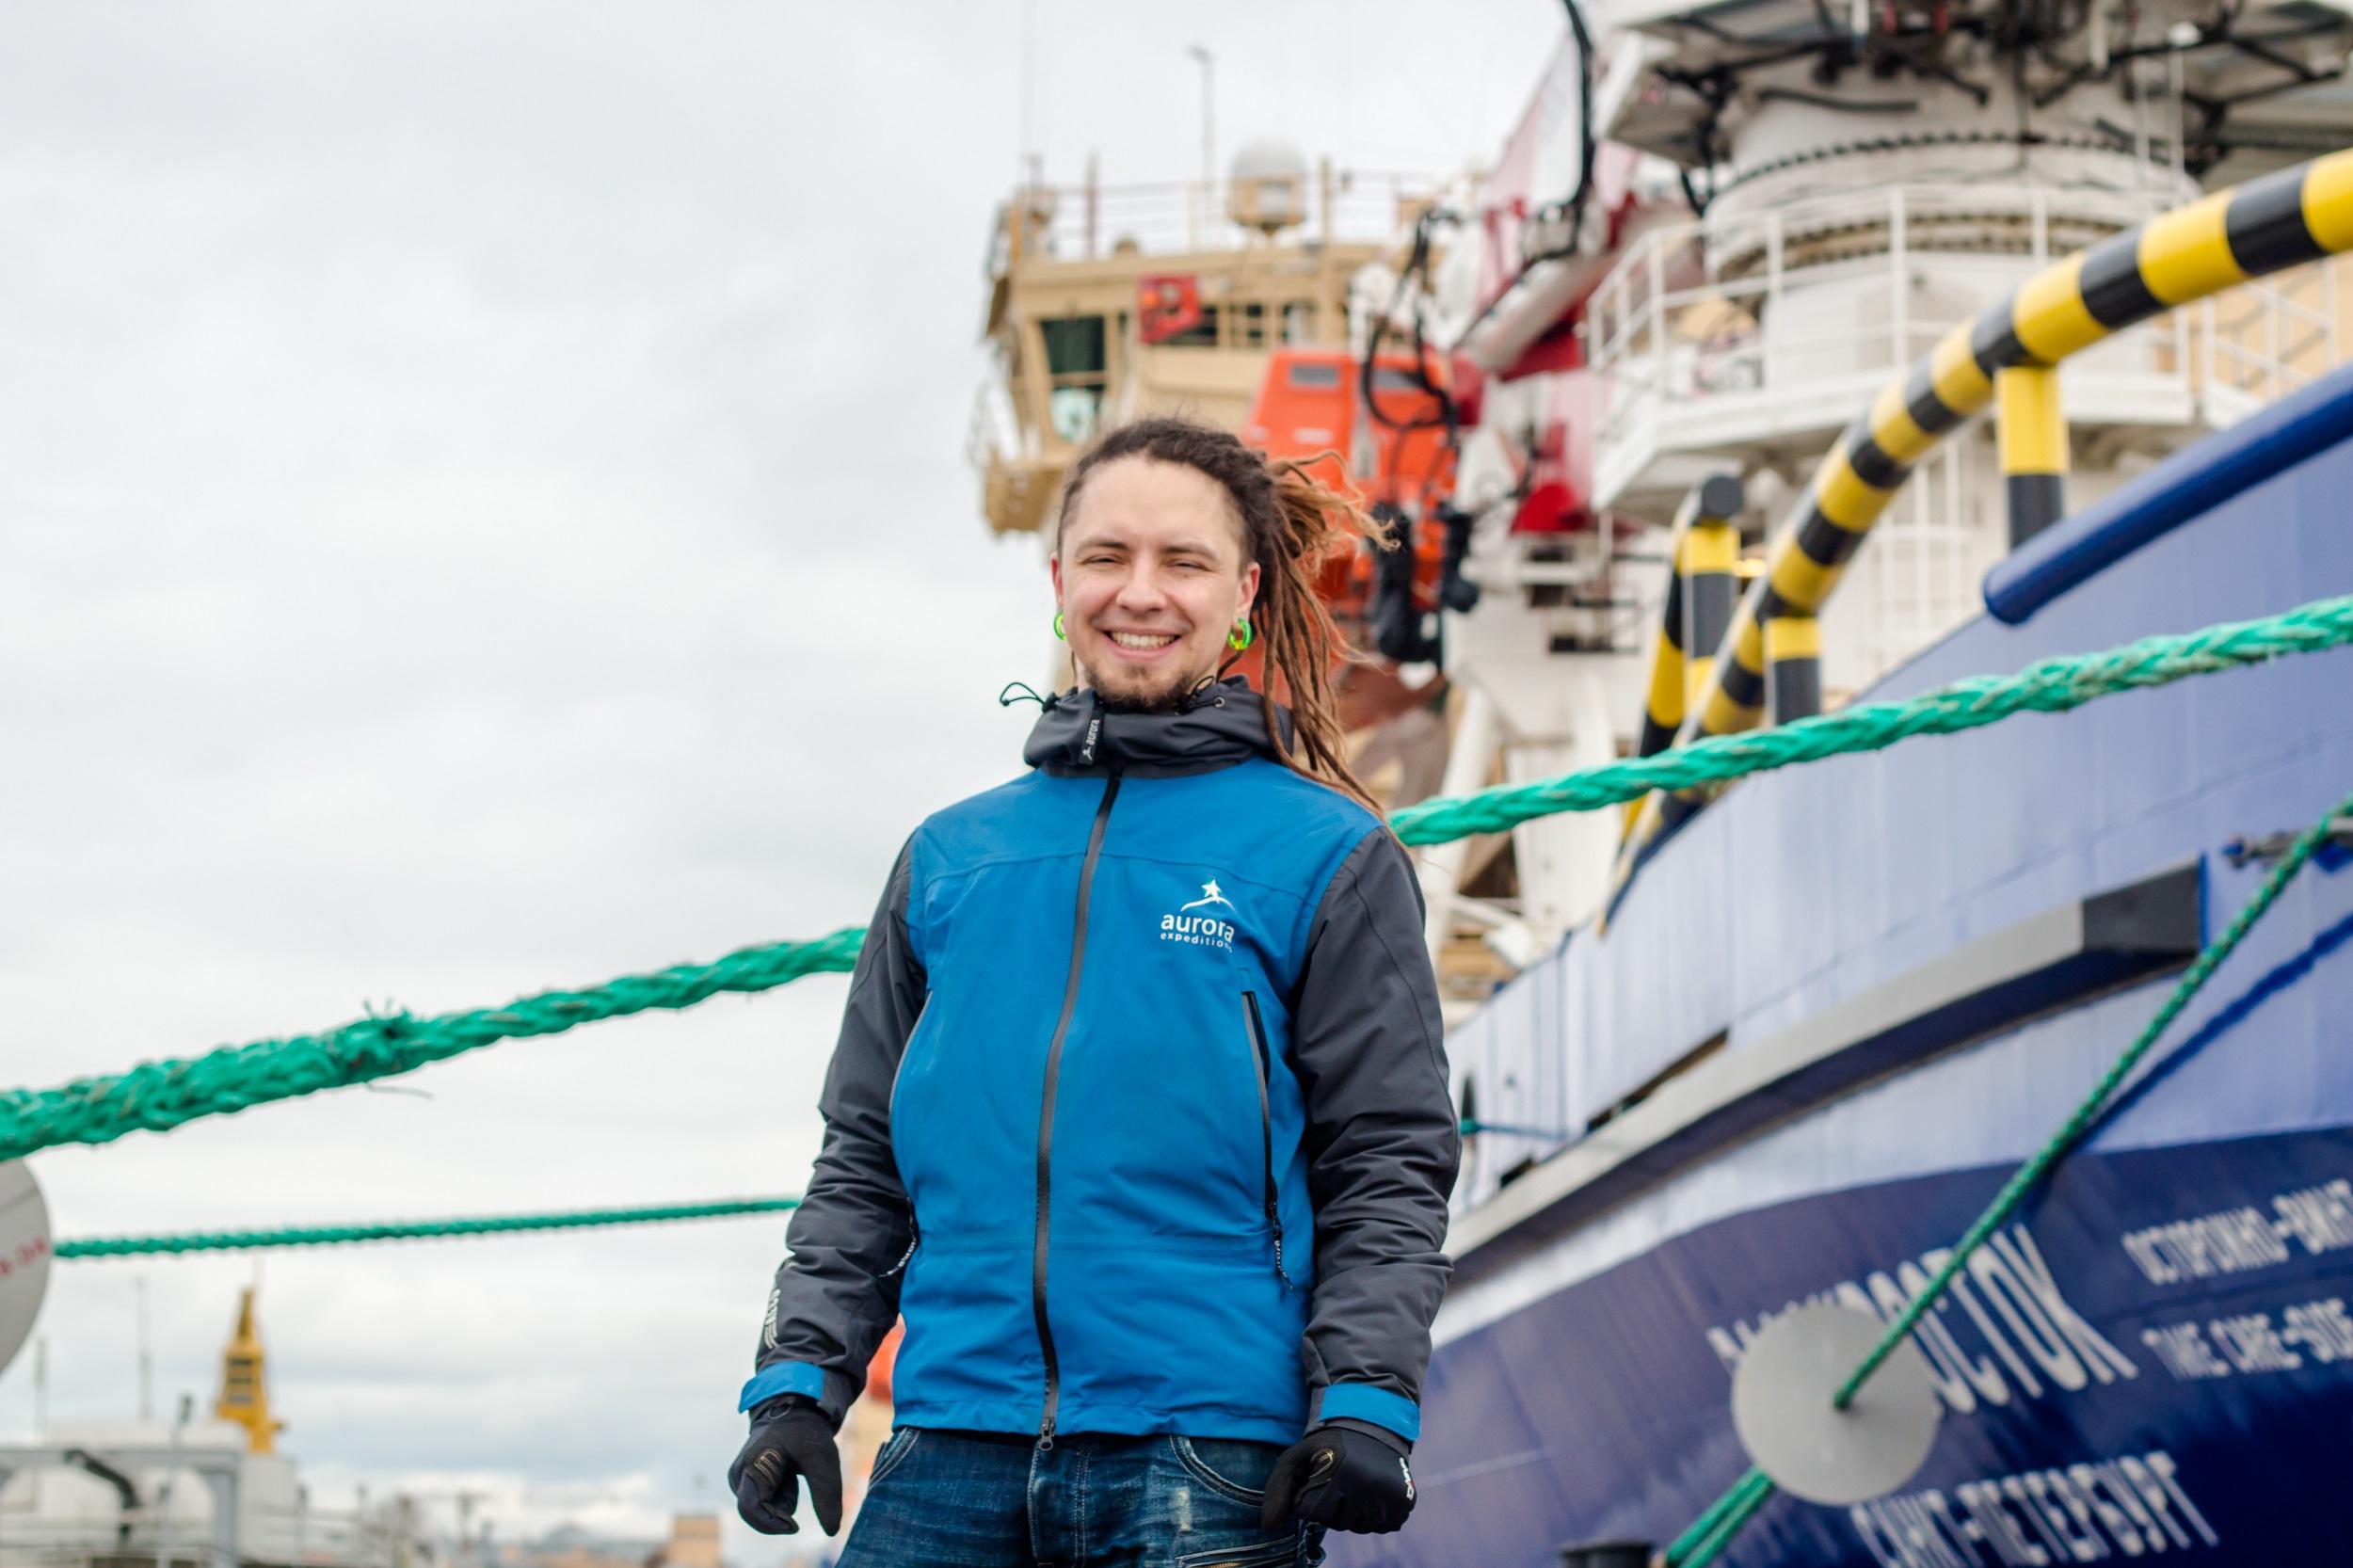 Профессия изнутри: что делает моряк